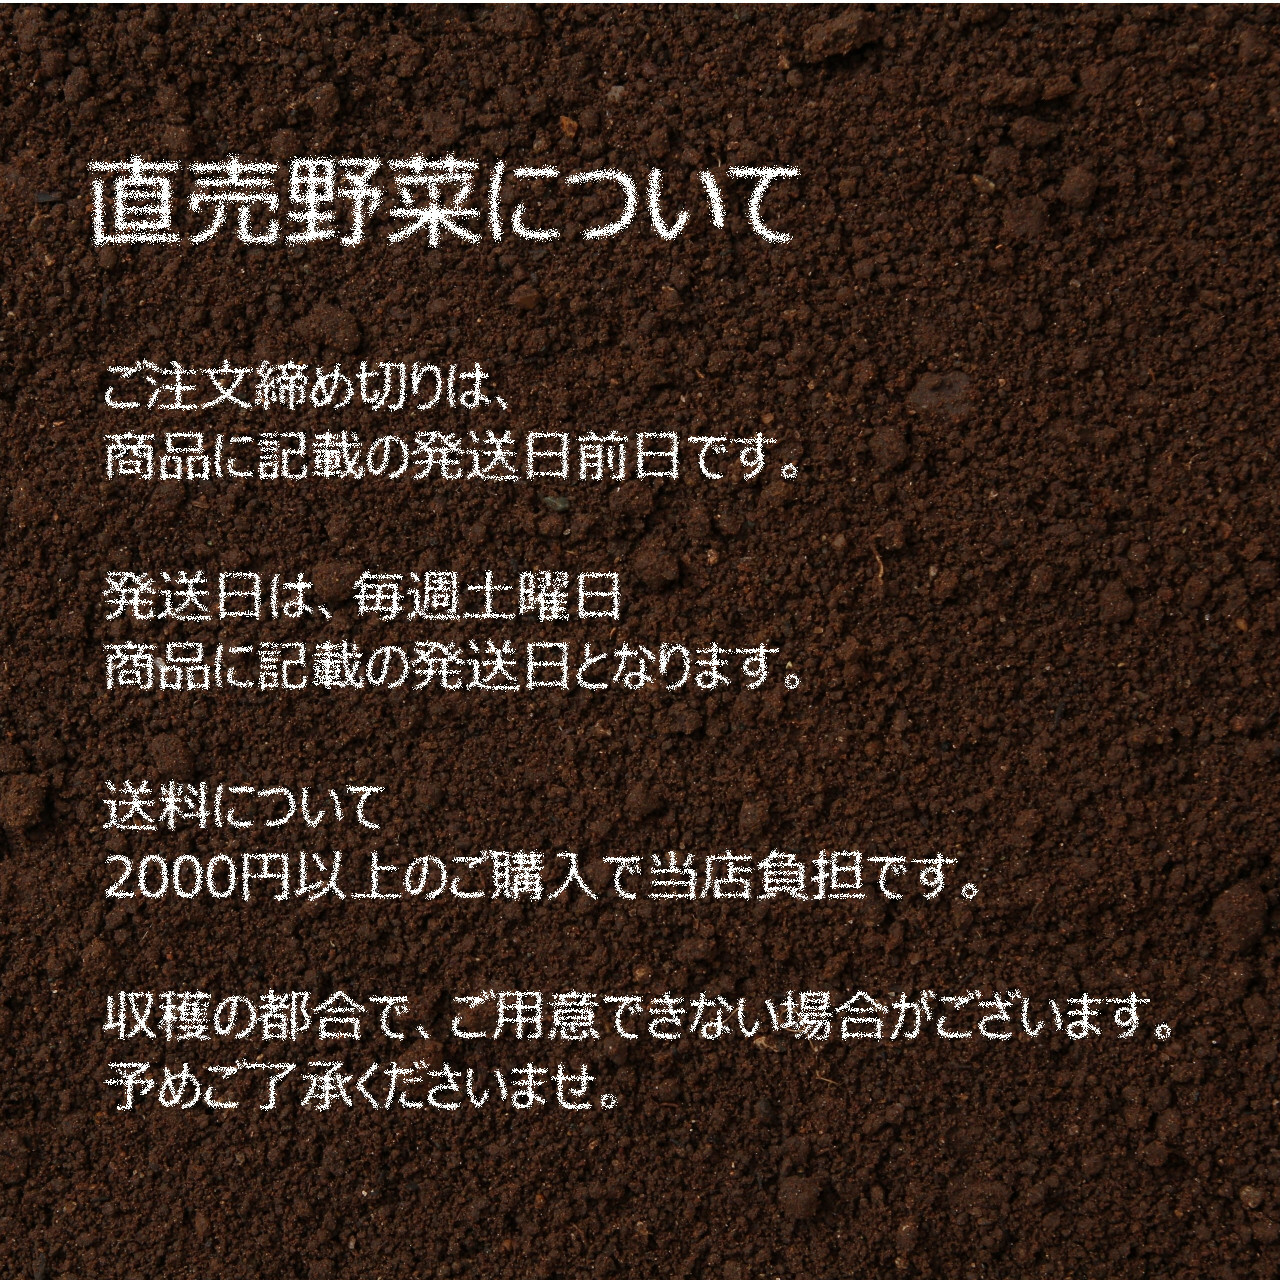 8月の朝採り直売野菜 : モロヘイヤ 約200g 新鮮夏野菜 8月24日発送予定